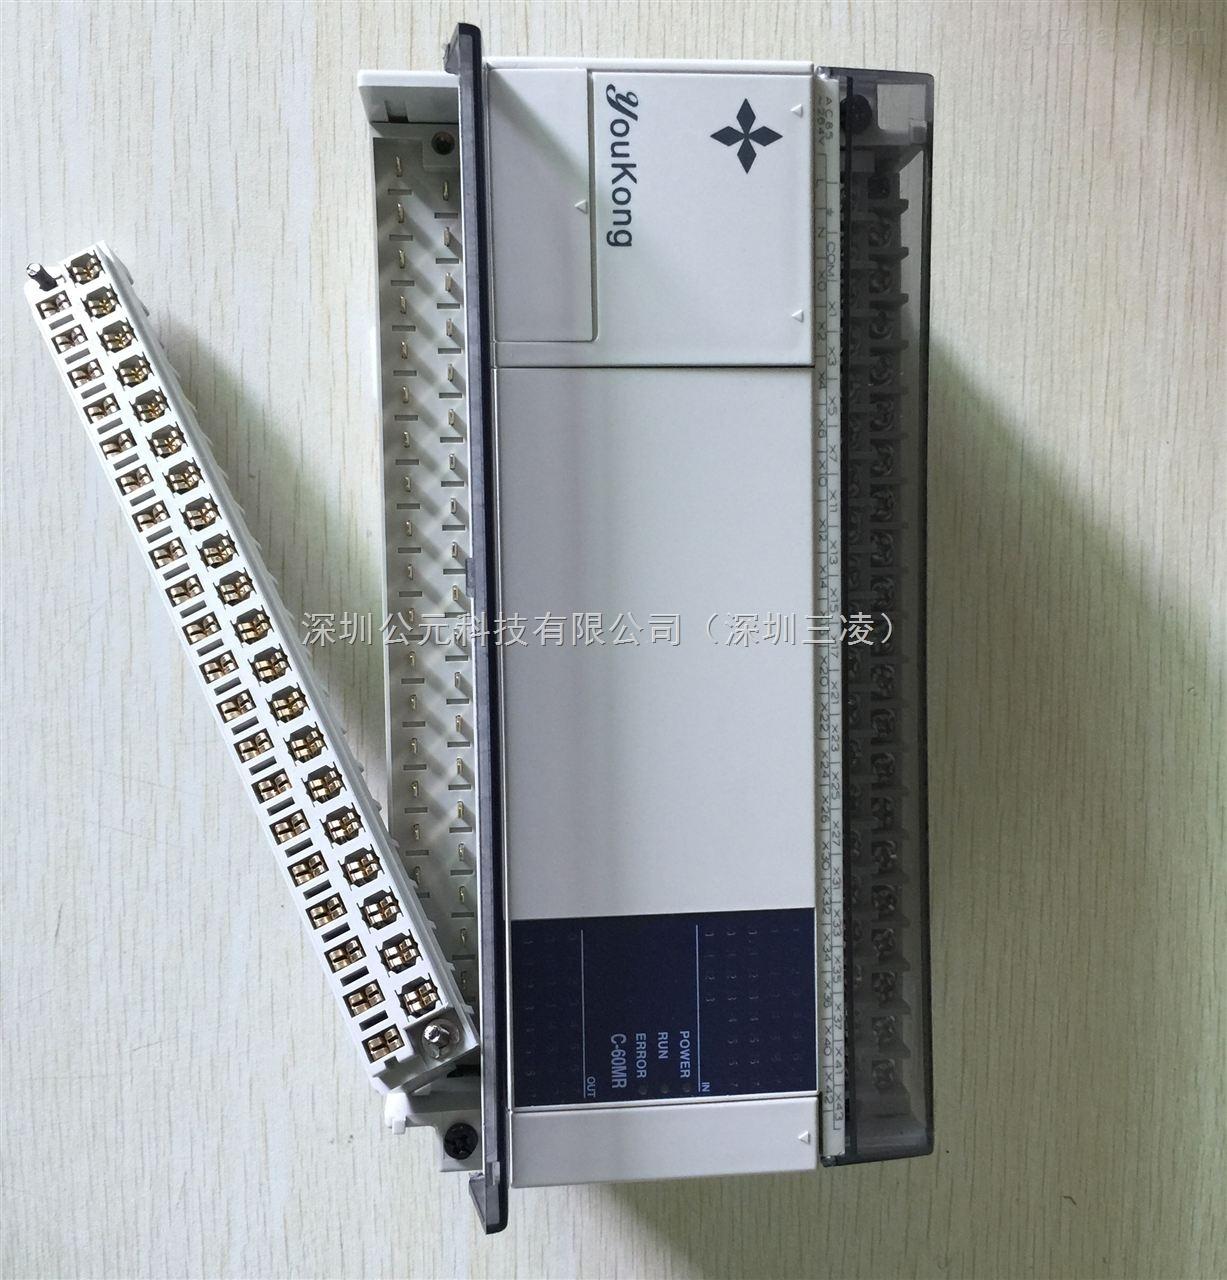 ��控C-60MRPLC控制器(兼容�_�_�件)